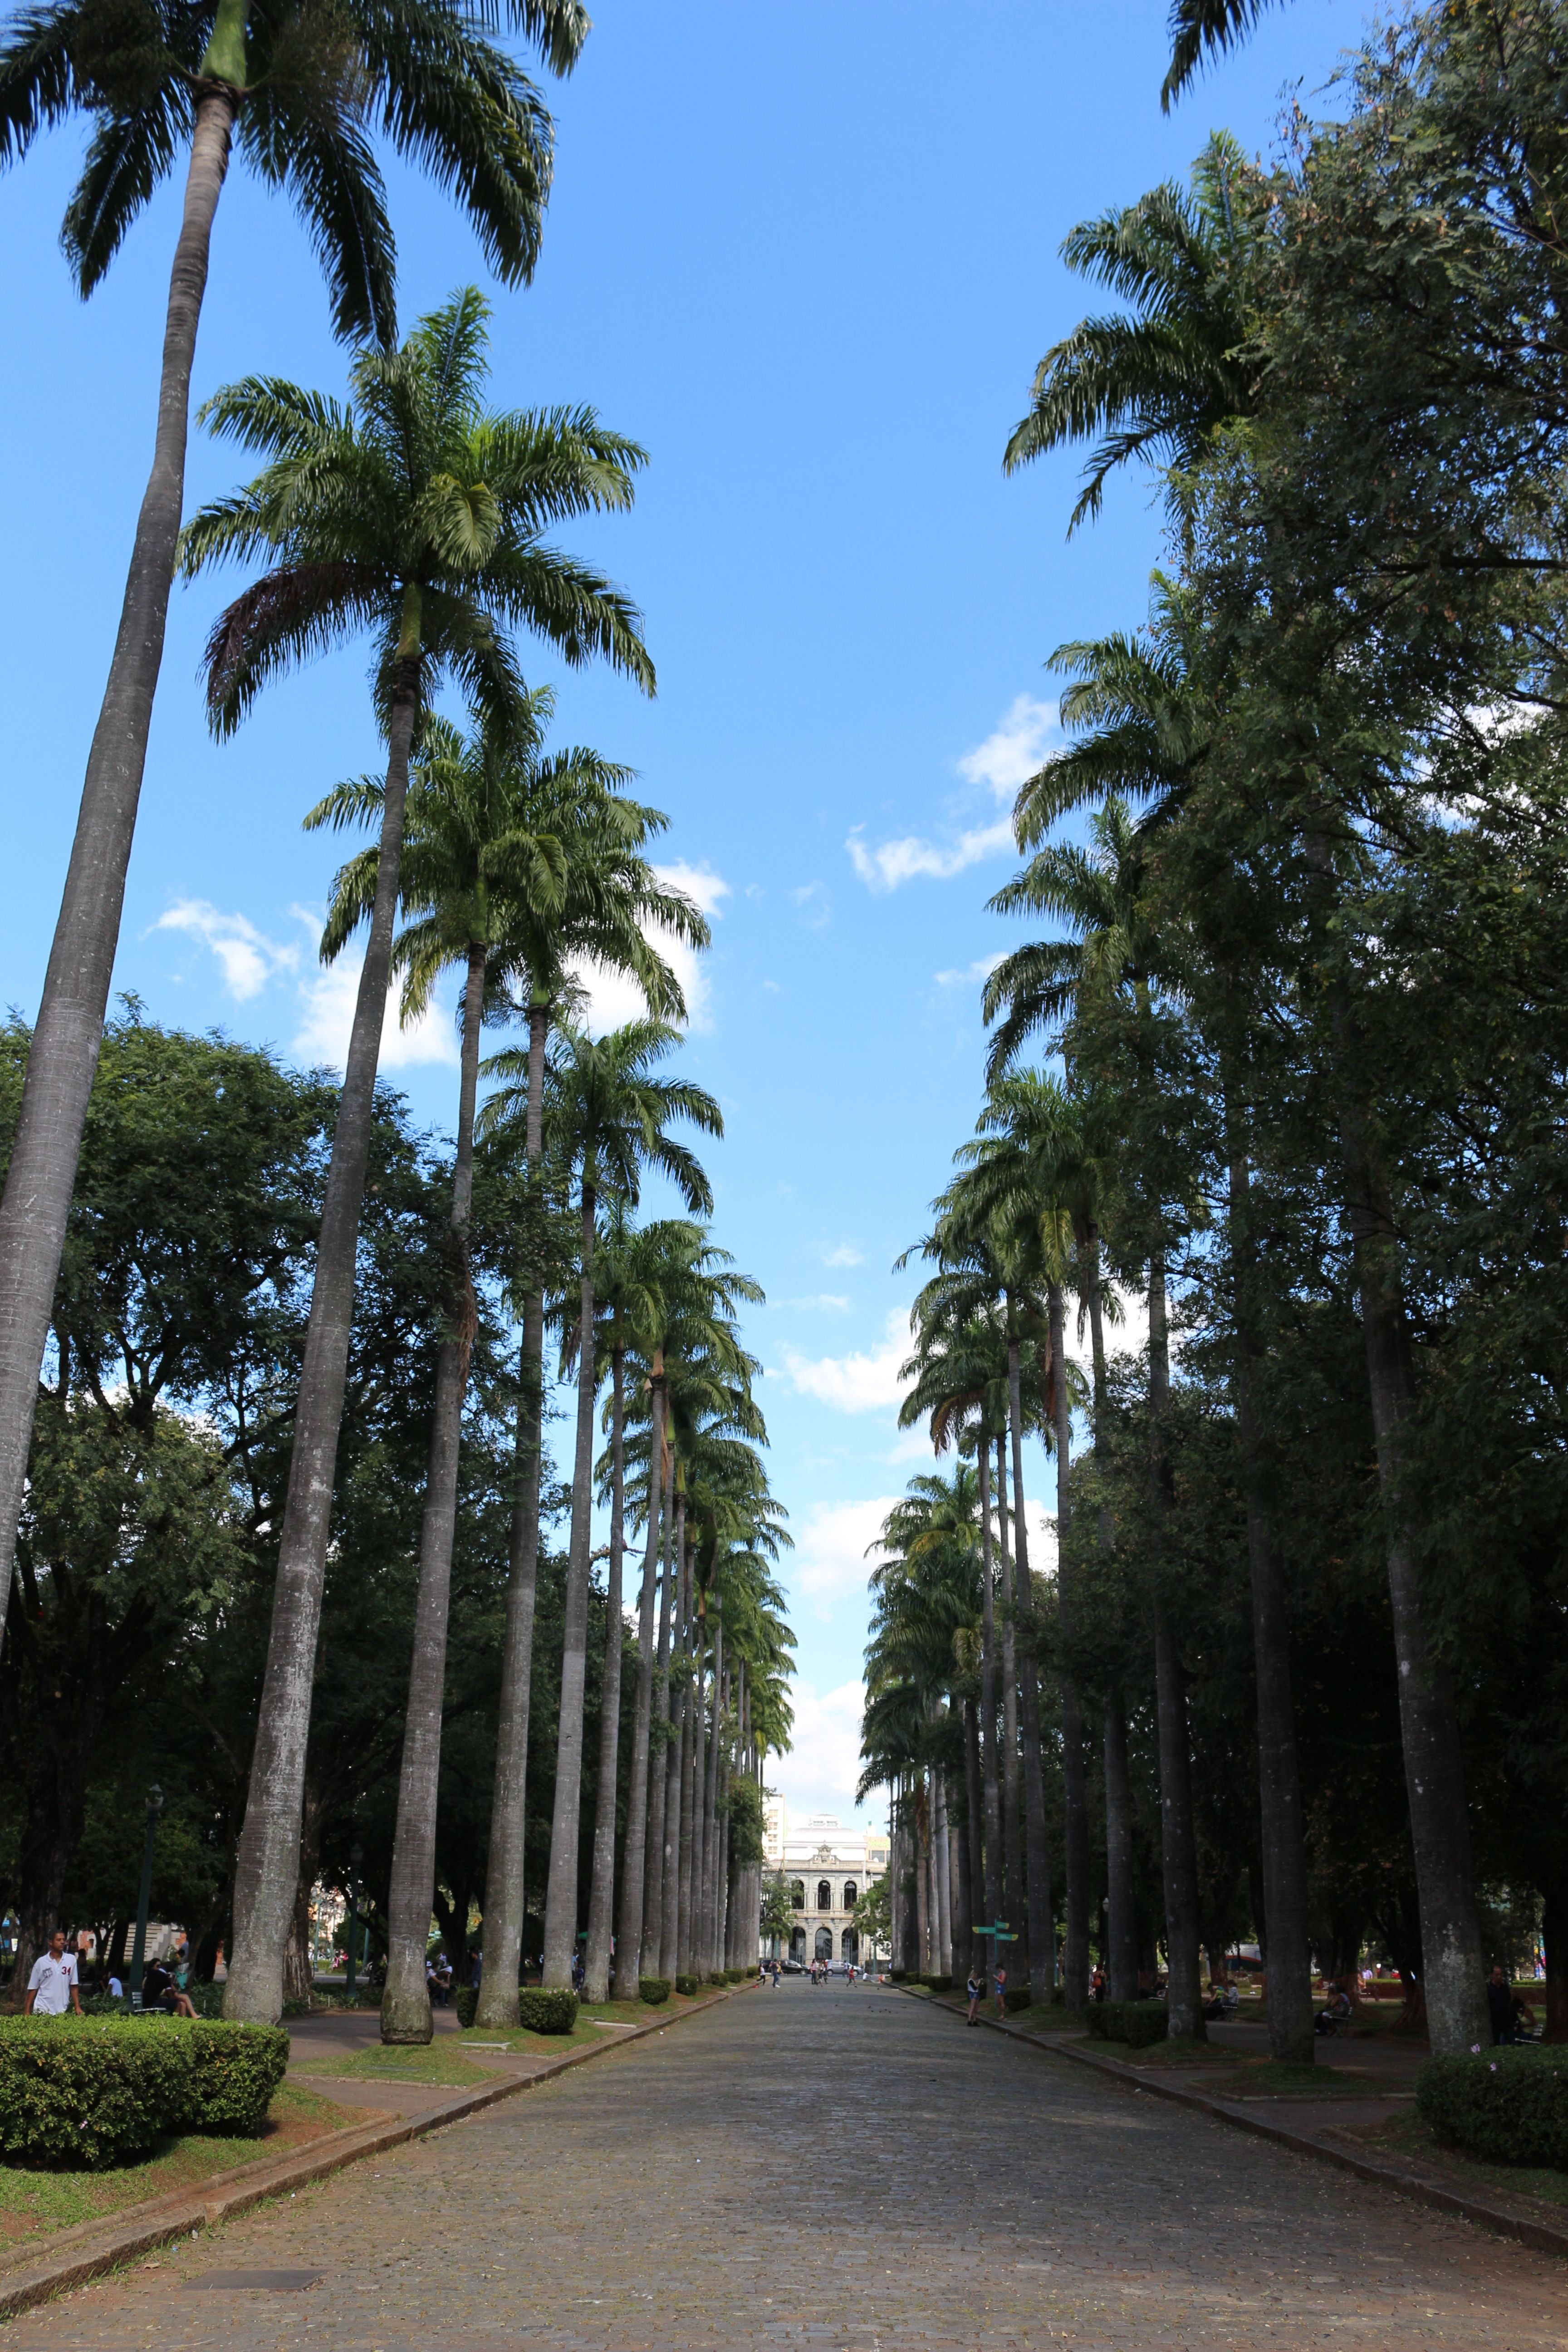 Praça da Liberdade - Belo Horizonte / MG